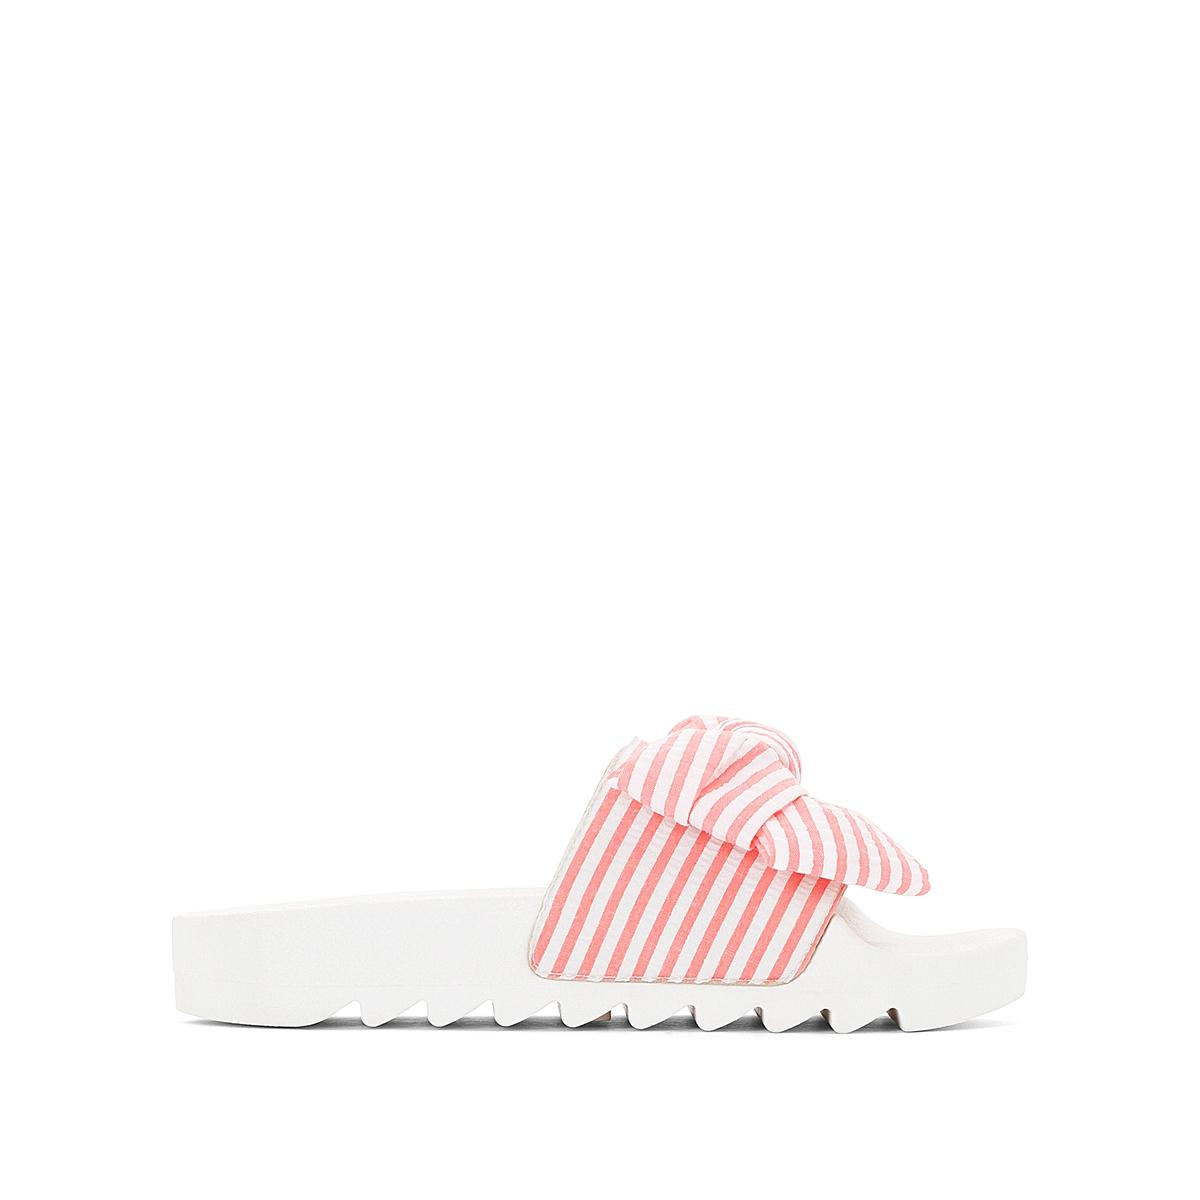 Туфли без задника синтетические, IsabelaДетали •  Туфли без задника. •  Высота каблука: 2 см. •  Застежка: без застежки. •  Открытый мысок. •  Гладкая отделка.Состав и уход •  Верх: 100% текстиль. •  Подкладка: 100% синтетический материал. •  Стелька: 100% синтетический материал. •  Подошва: 100% синтетический материал.<br><br>Цвет: розовый<br>Размер: 39